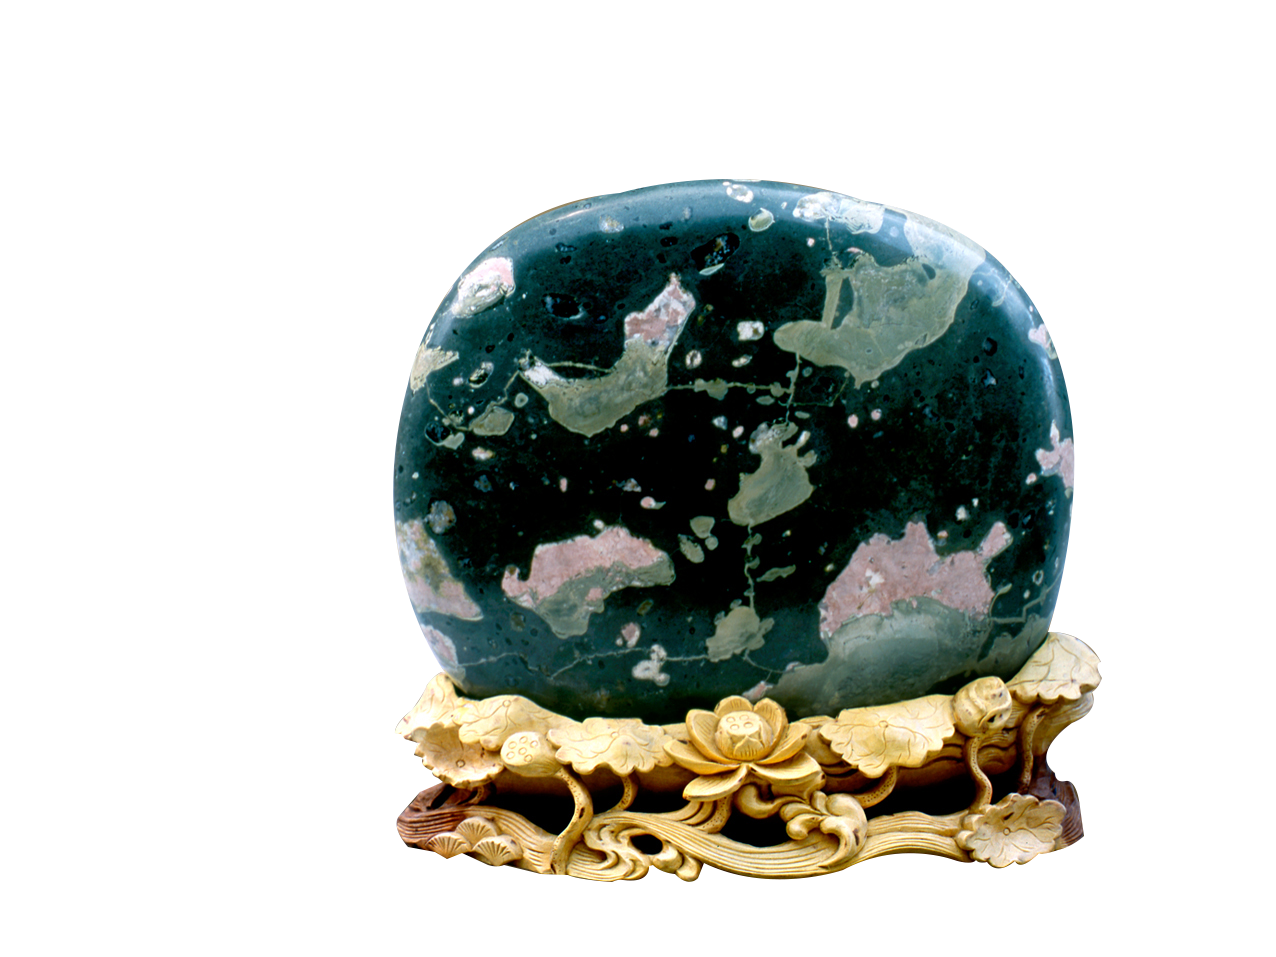 洛阳河洛石文化博物馆馆藏,古朴典雅,色彩斑斓!